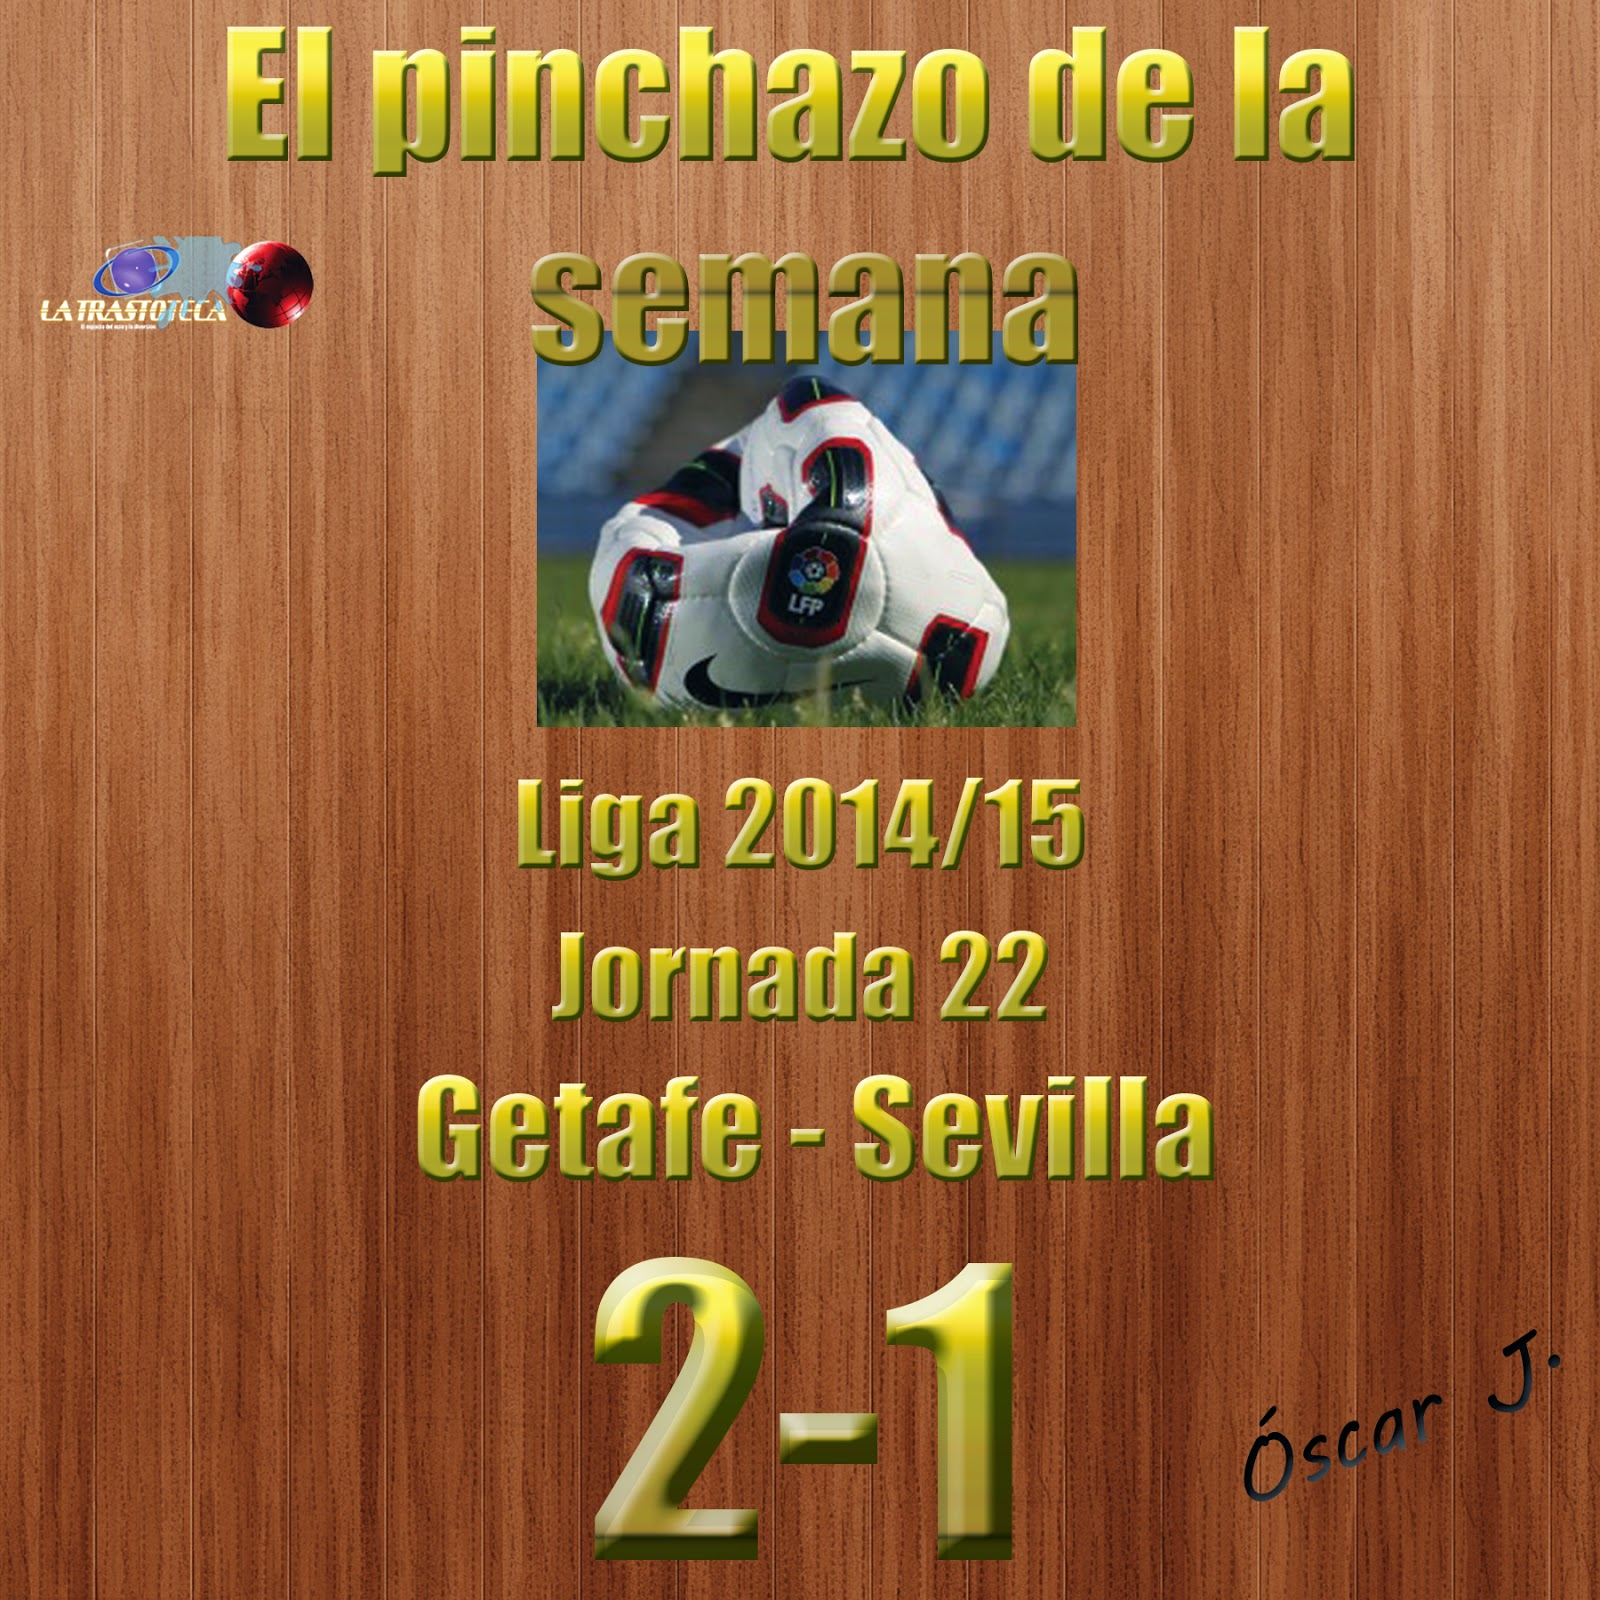 Getafe 2-1 Sevilla. Liga 2014/15 - Jornada 22. El pinchazo de la semana.